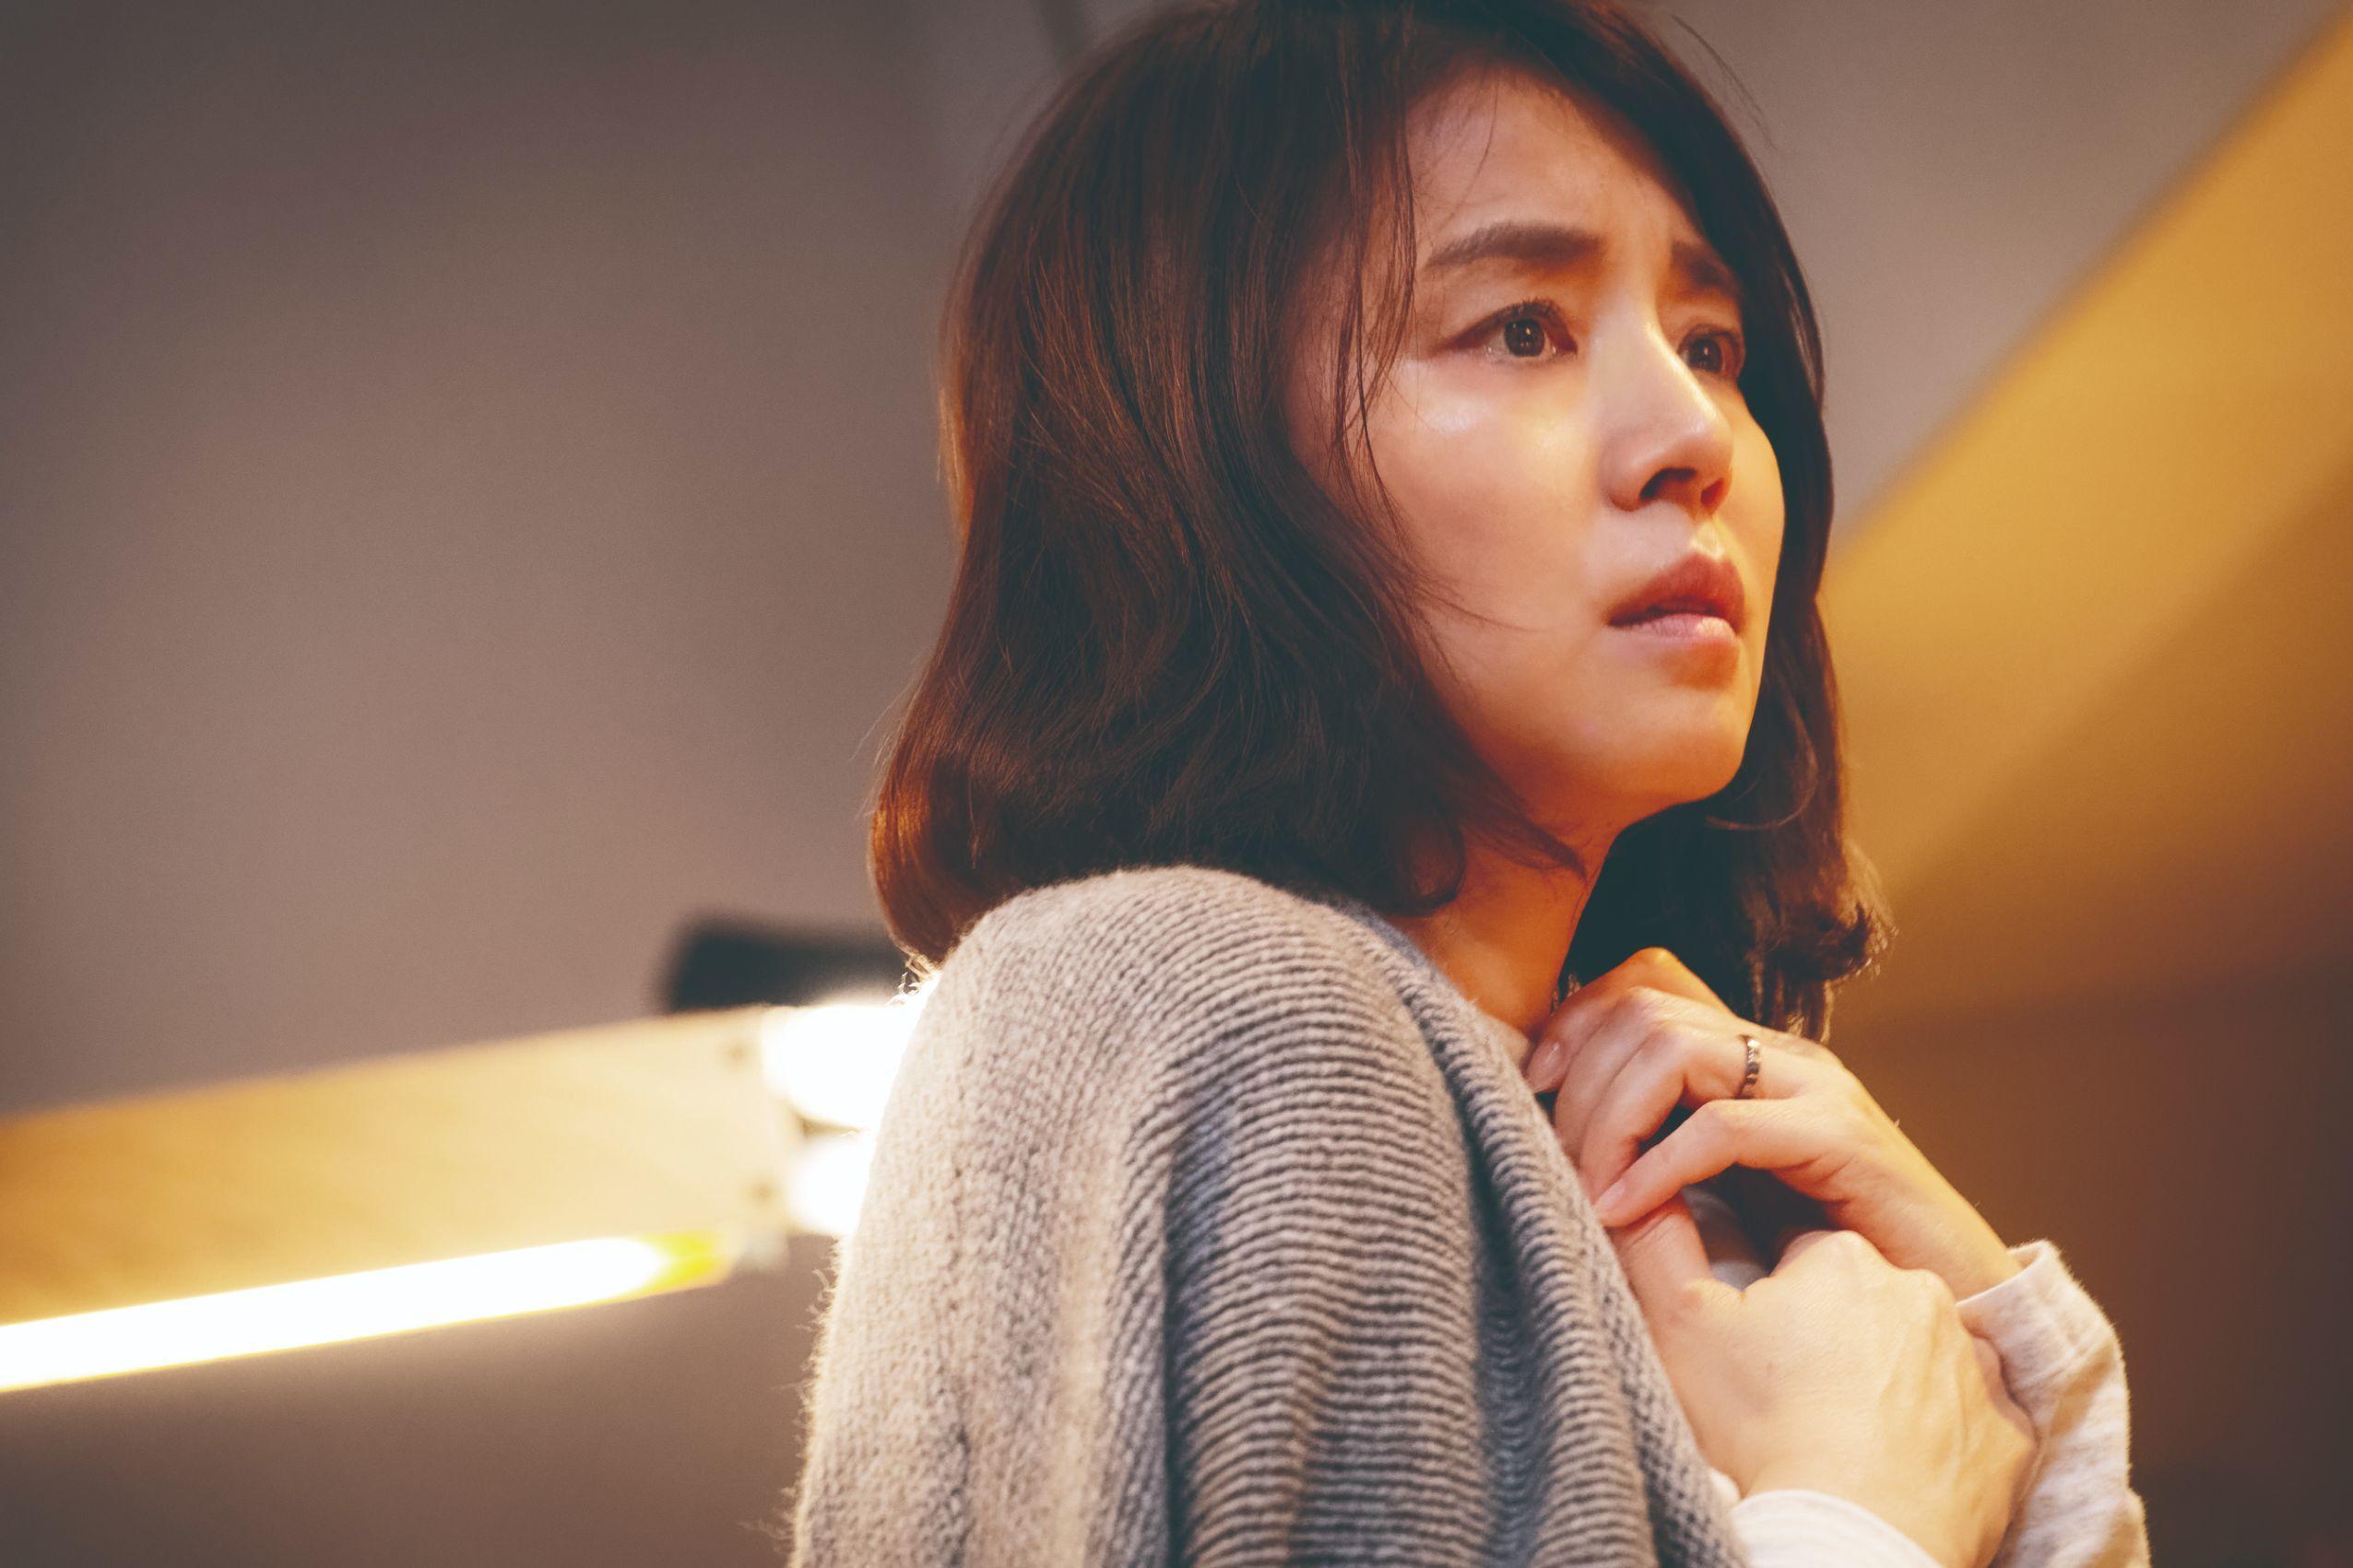 石田ゆり子 (C)2020「望み」製作委員会